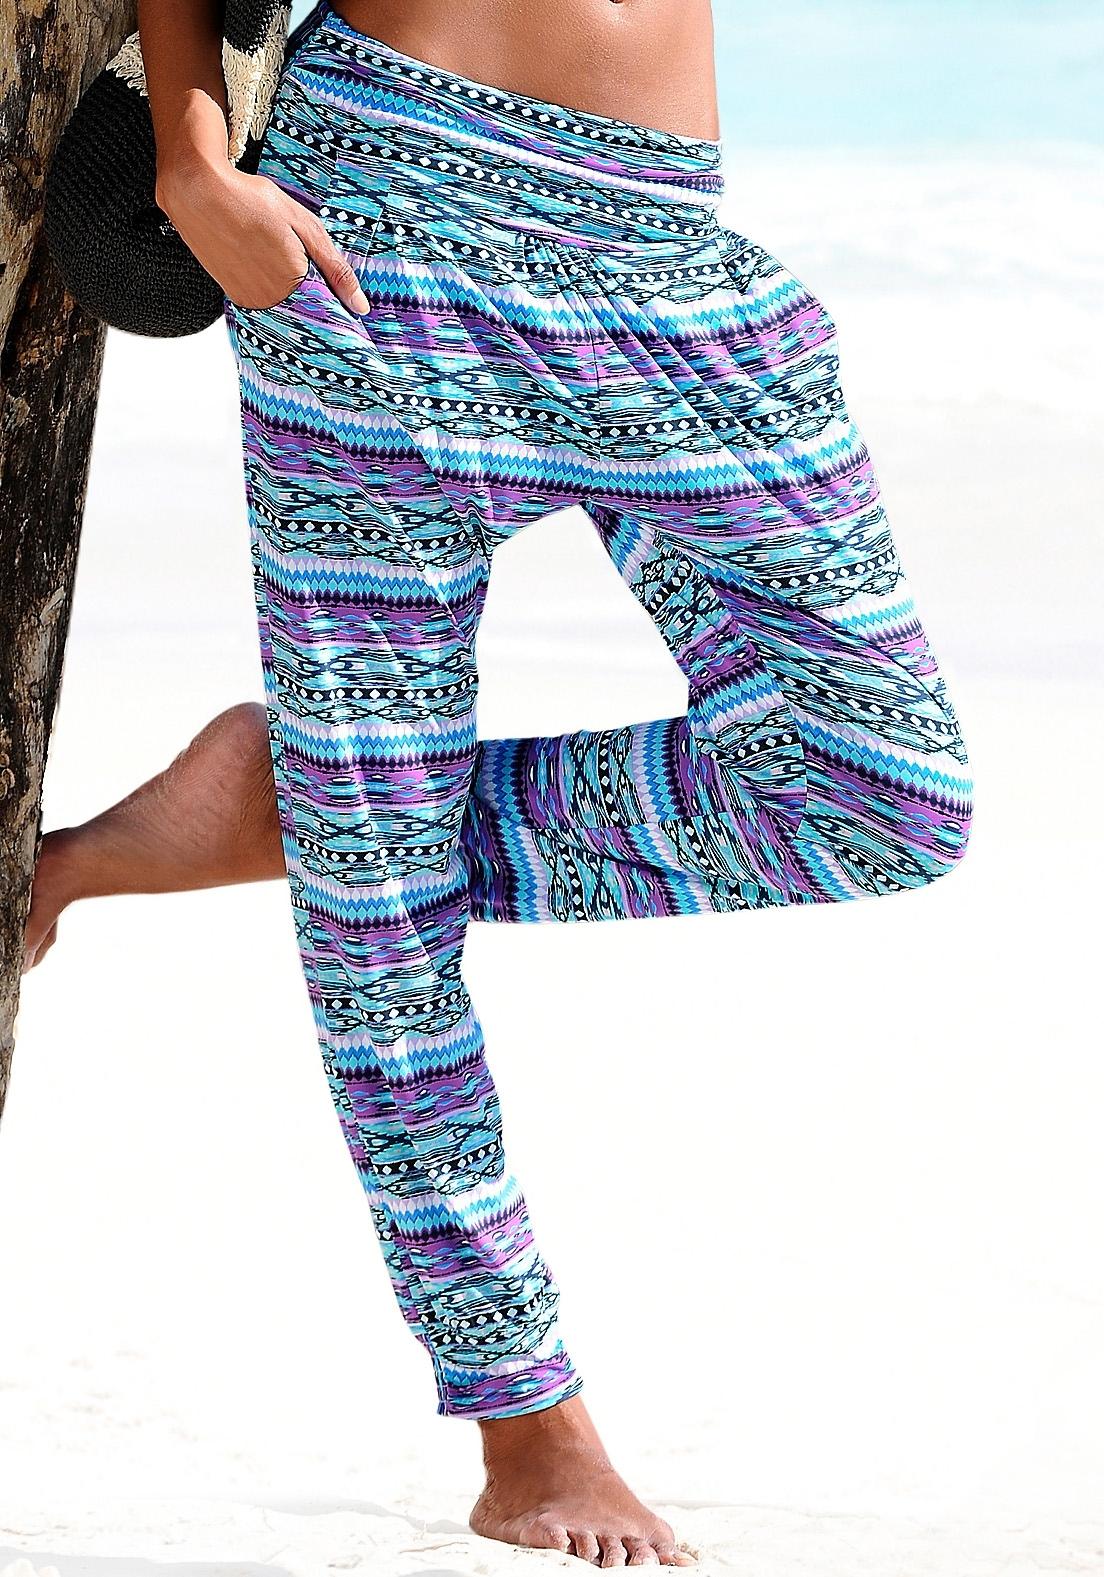 s.Oliver Beachwear s.Oliver RED LABEL Beachwear strandbroek met etnomotief goedkoop op lascana.nl kopen